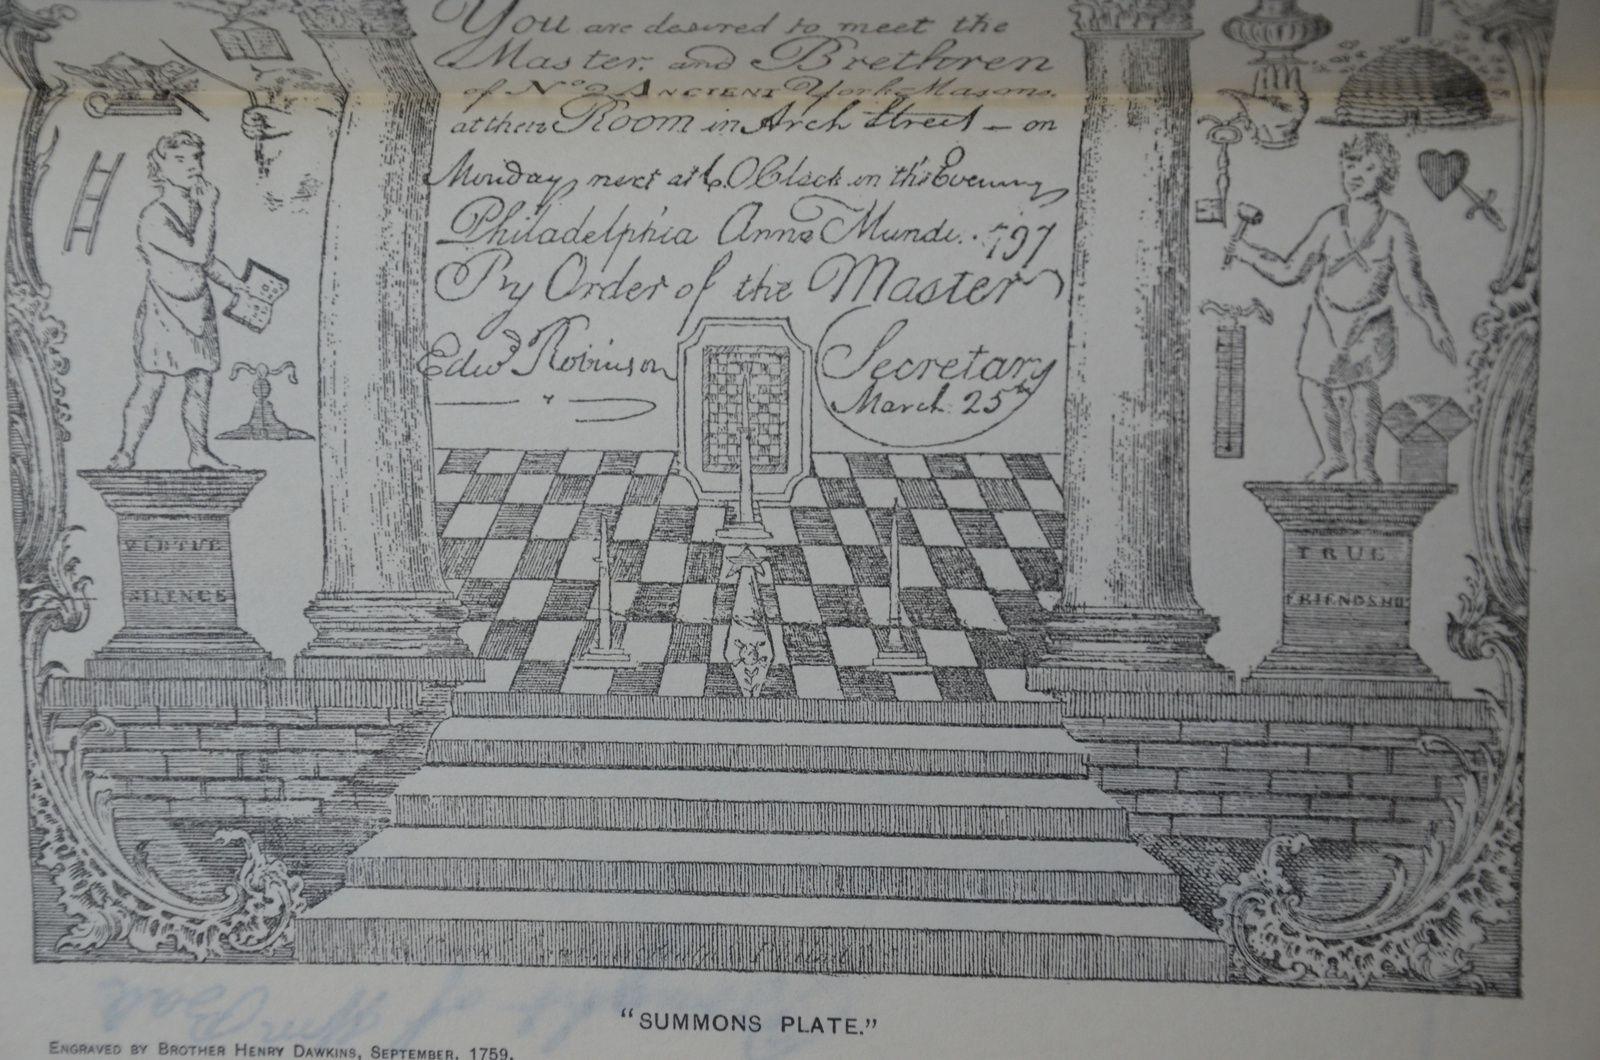 La planche gravée de Henry Dawkins